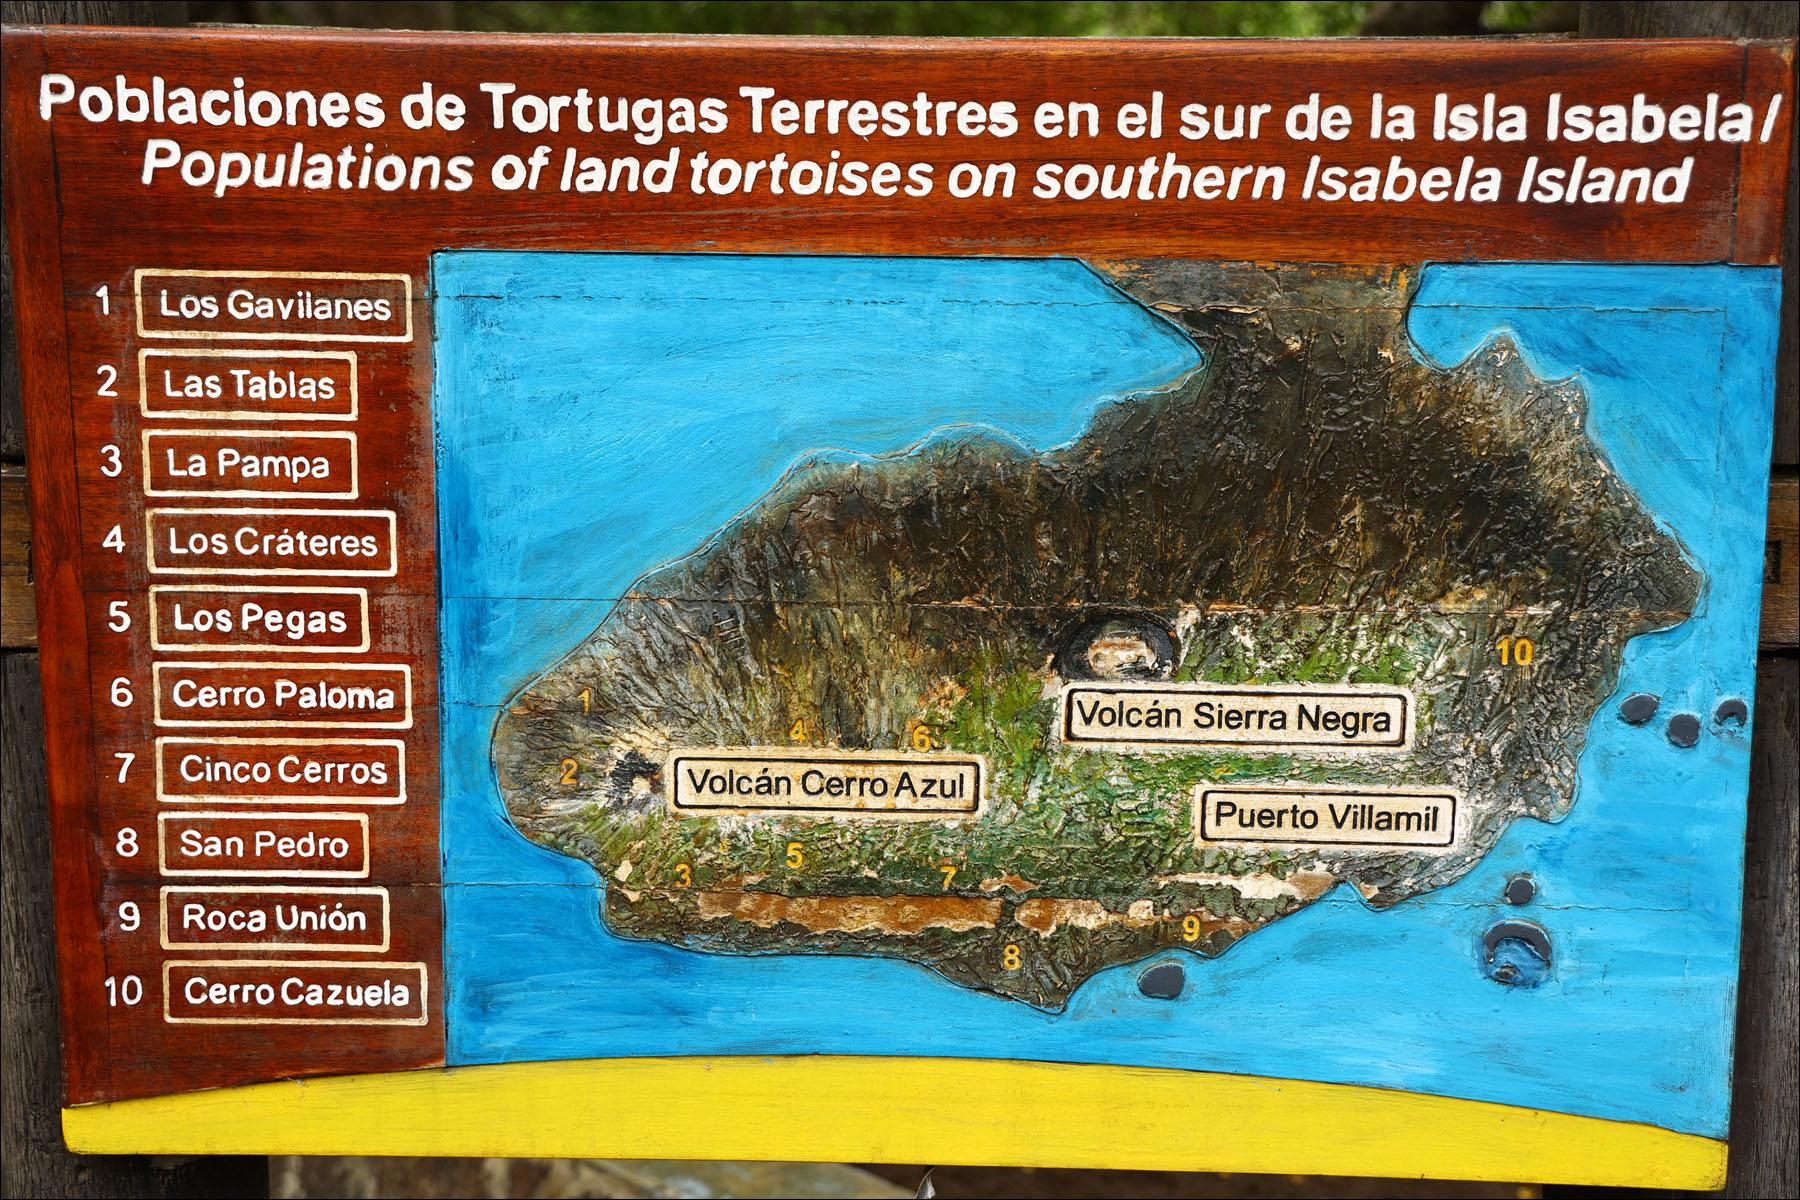 Реинжиниринг небольшой островной экосистемы: биолаборатория на Галапагосах - 8